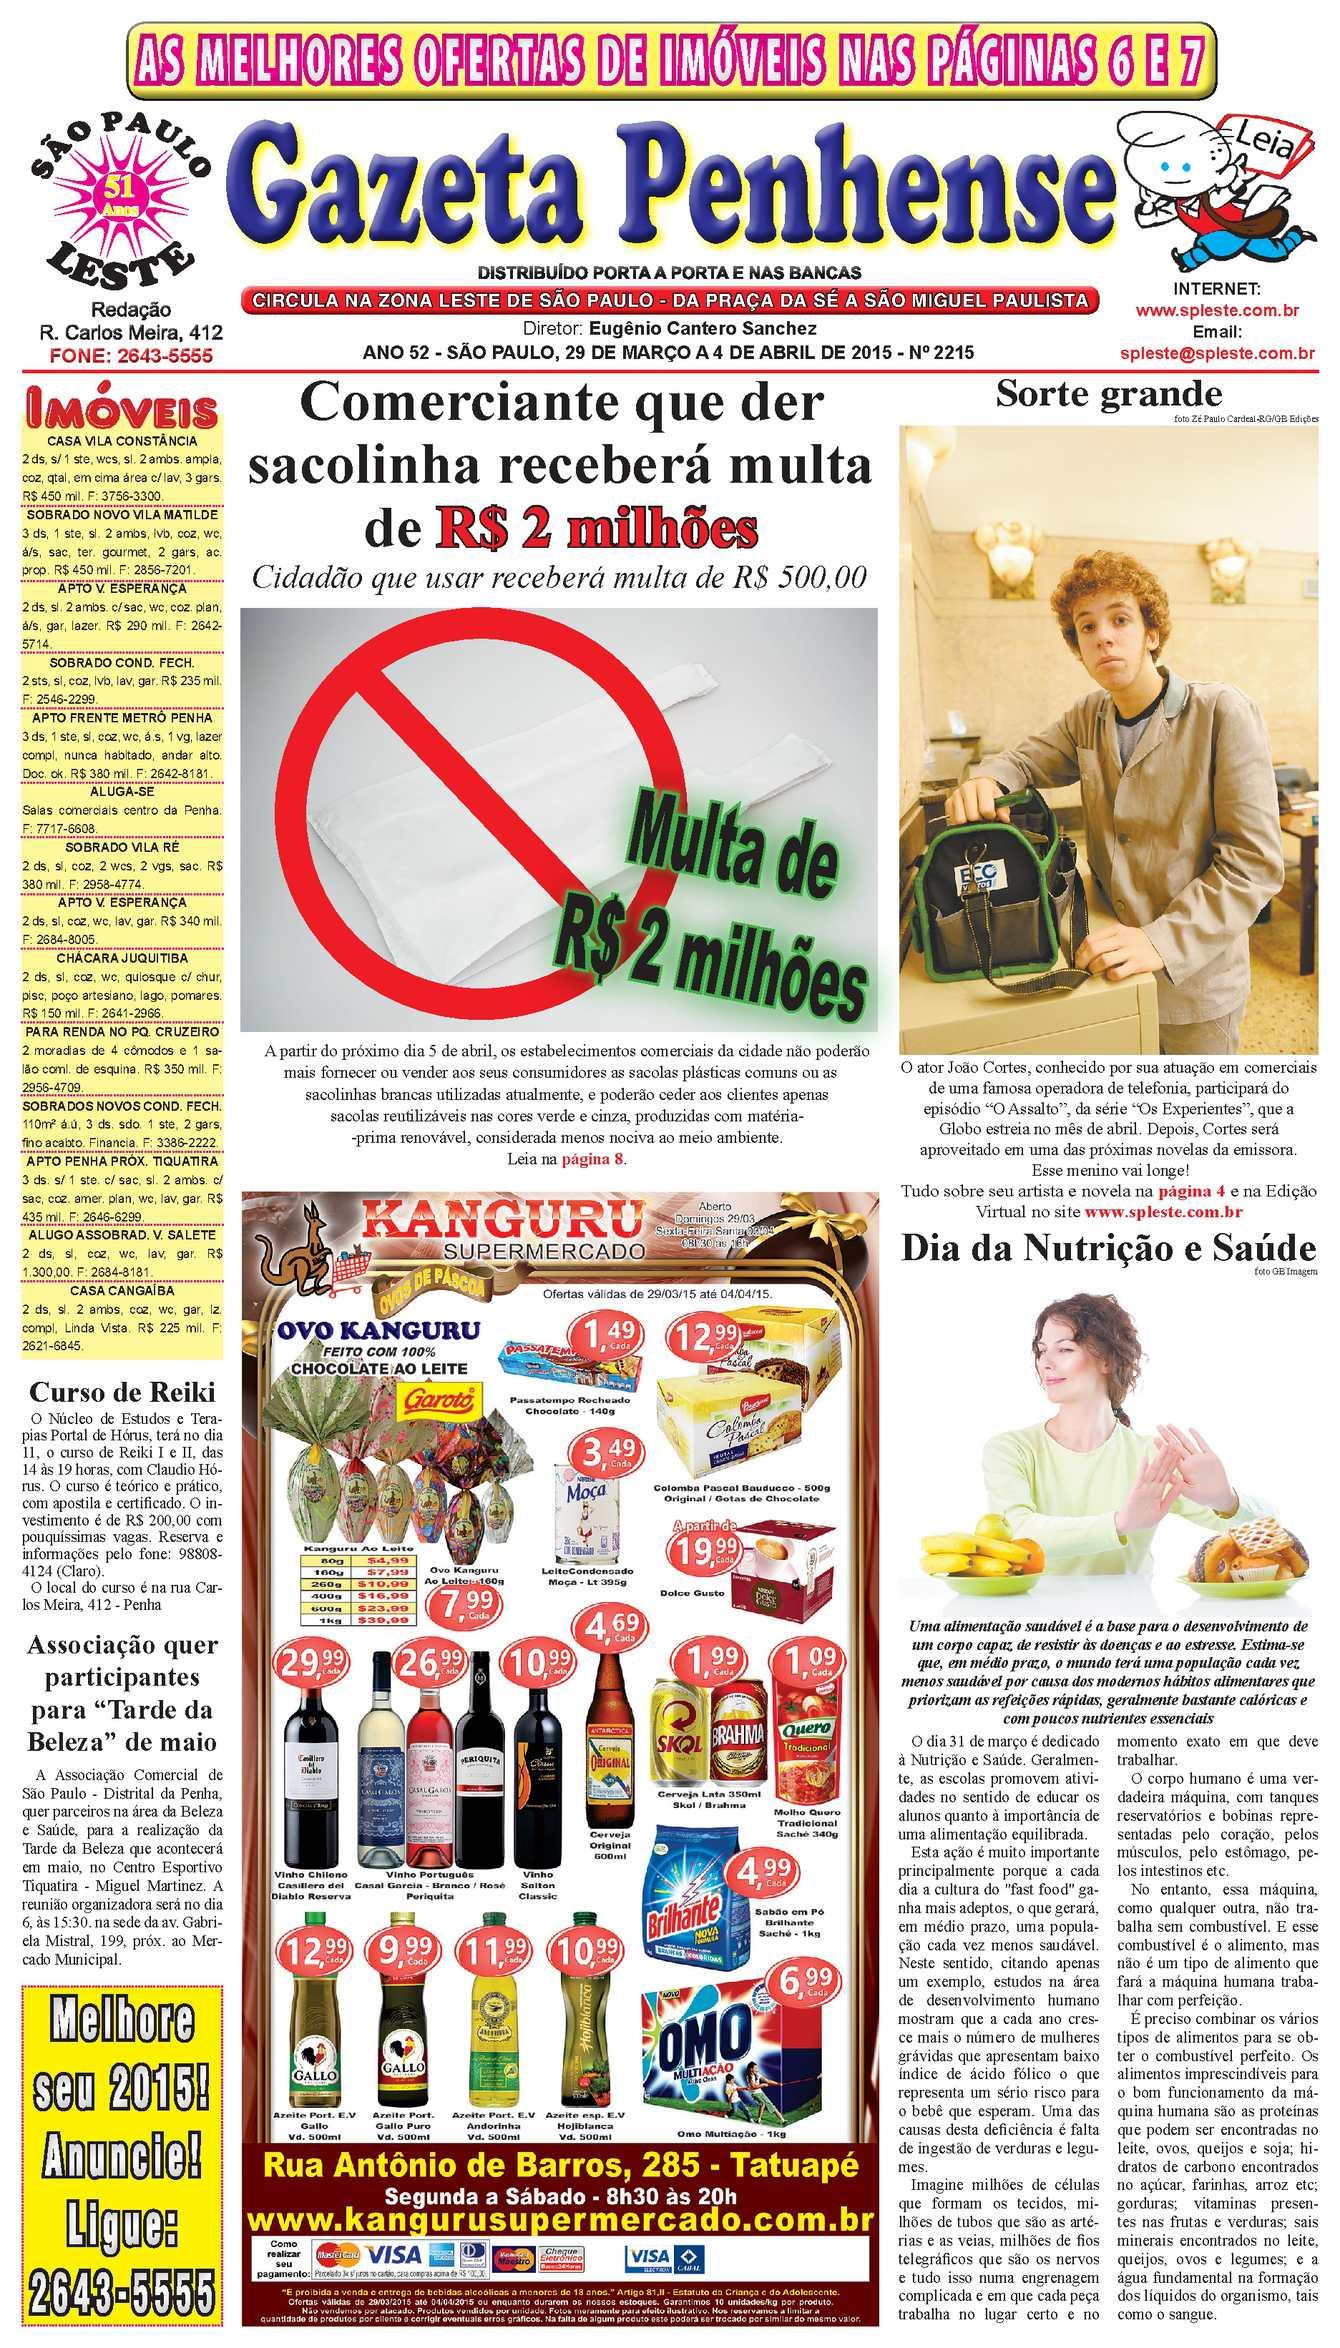 Calaméo - Gazeta Penhense - edição 2215 - 29 03 a 04 04 15 ae78367b04